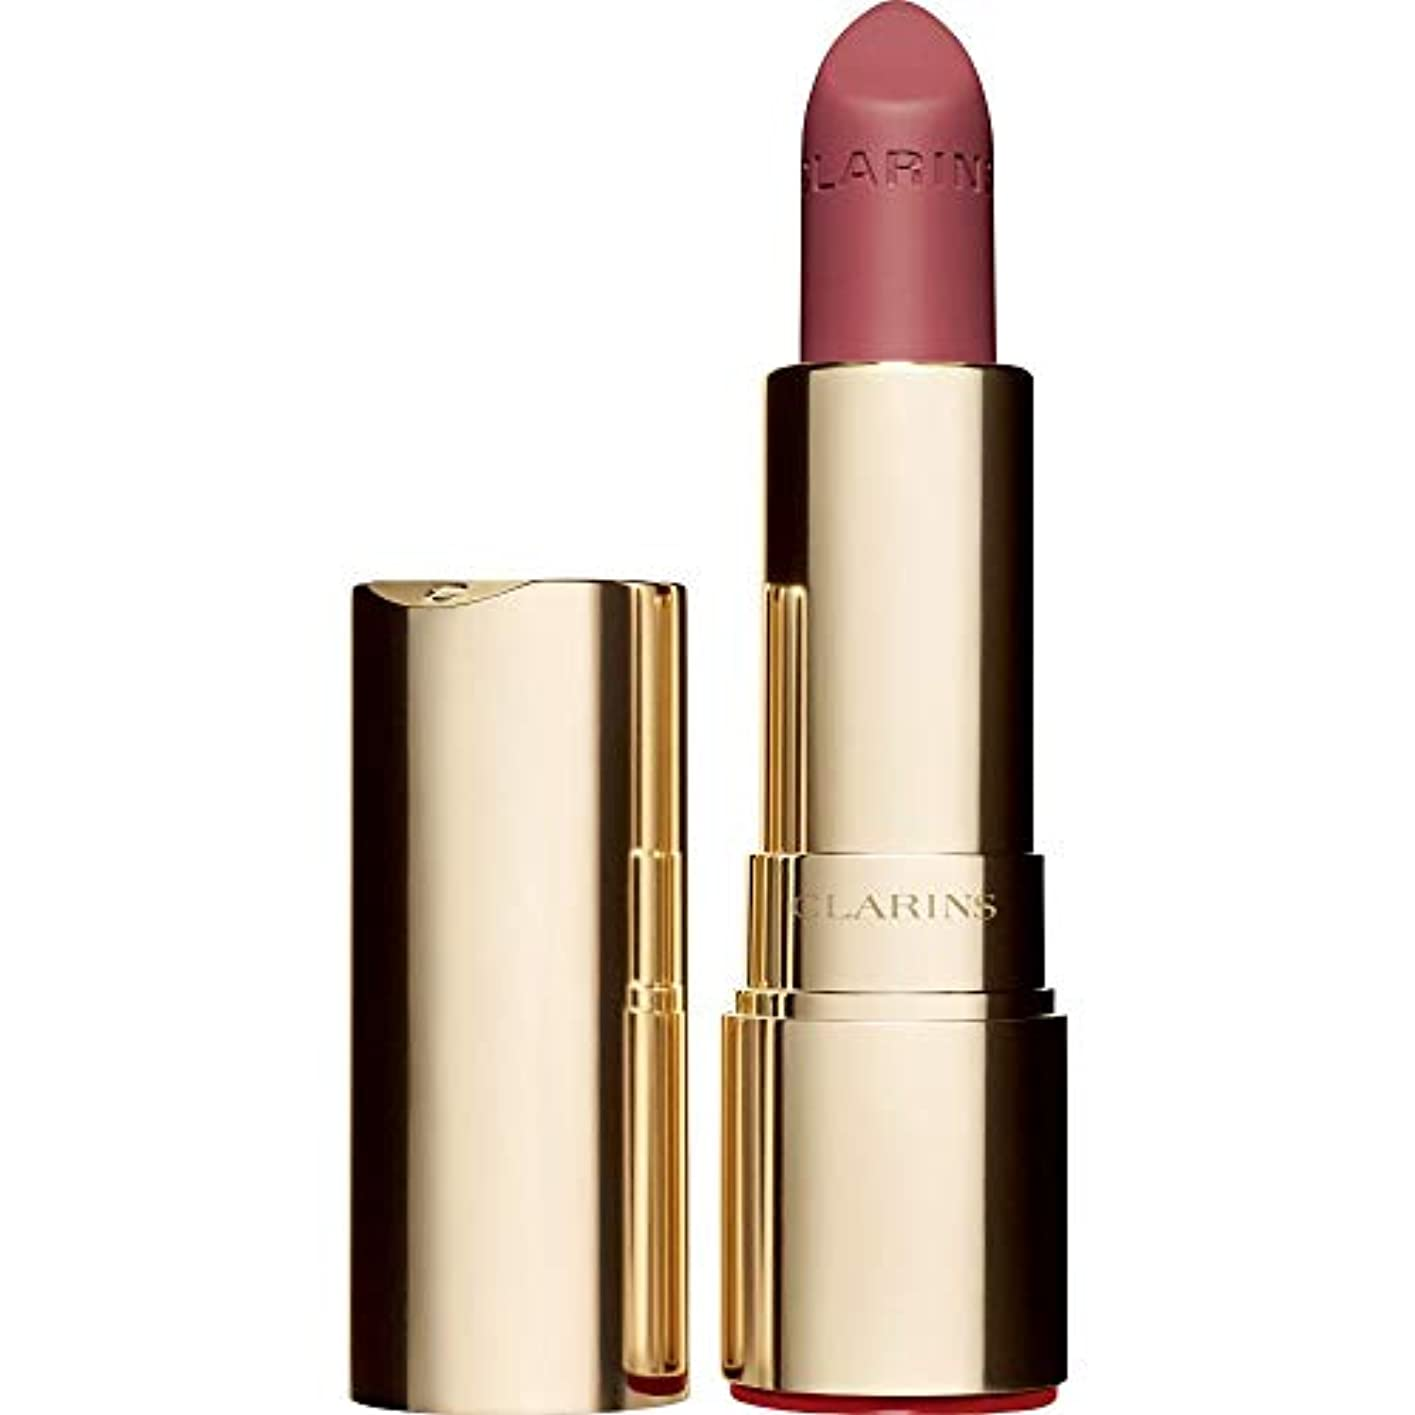 おもてなしユーザー傘[Clarins ] クラランスジョリルージュのベルベットの口紅3.5グラムの752V - ローズウッド - Clarins Joli Rouge Velvet Lipstick 3.5g 752V - Rosewood...